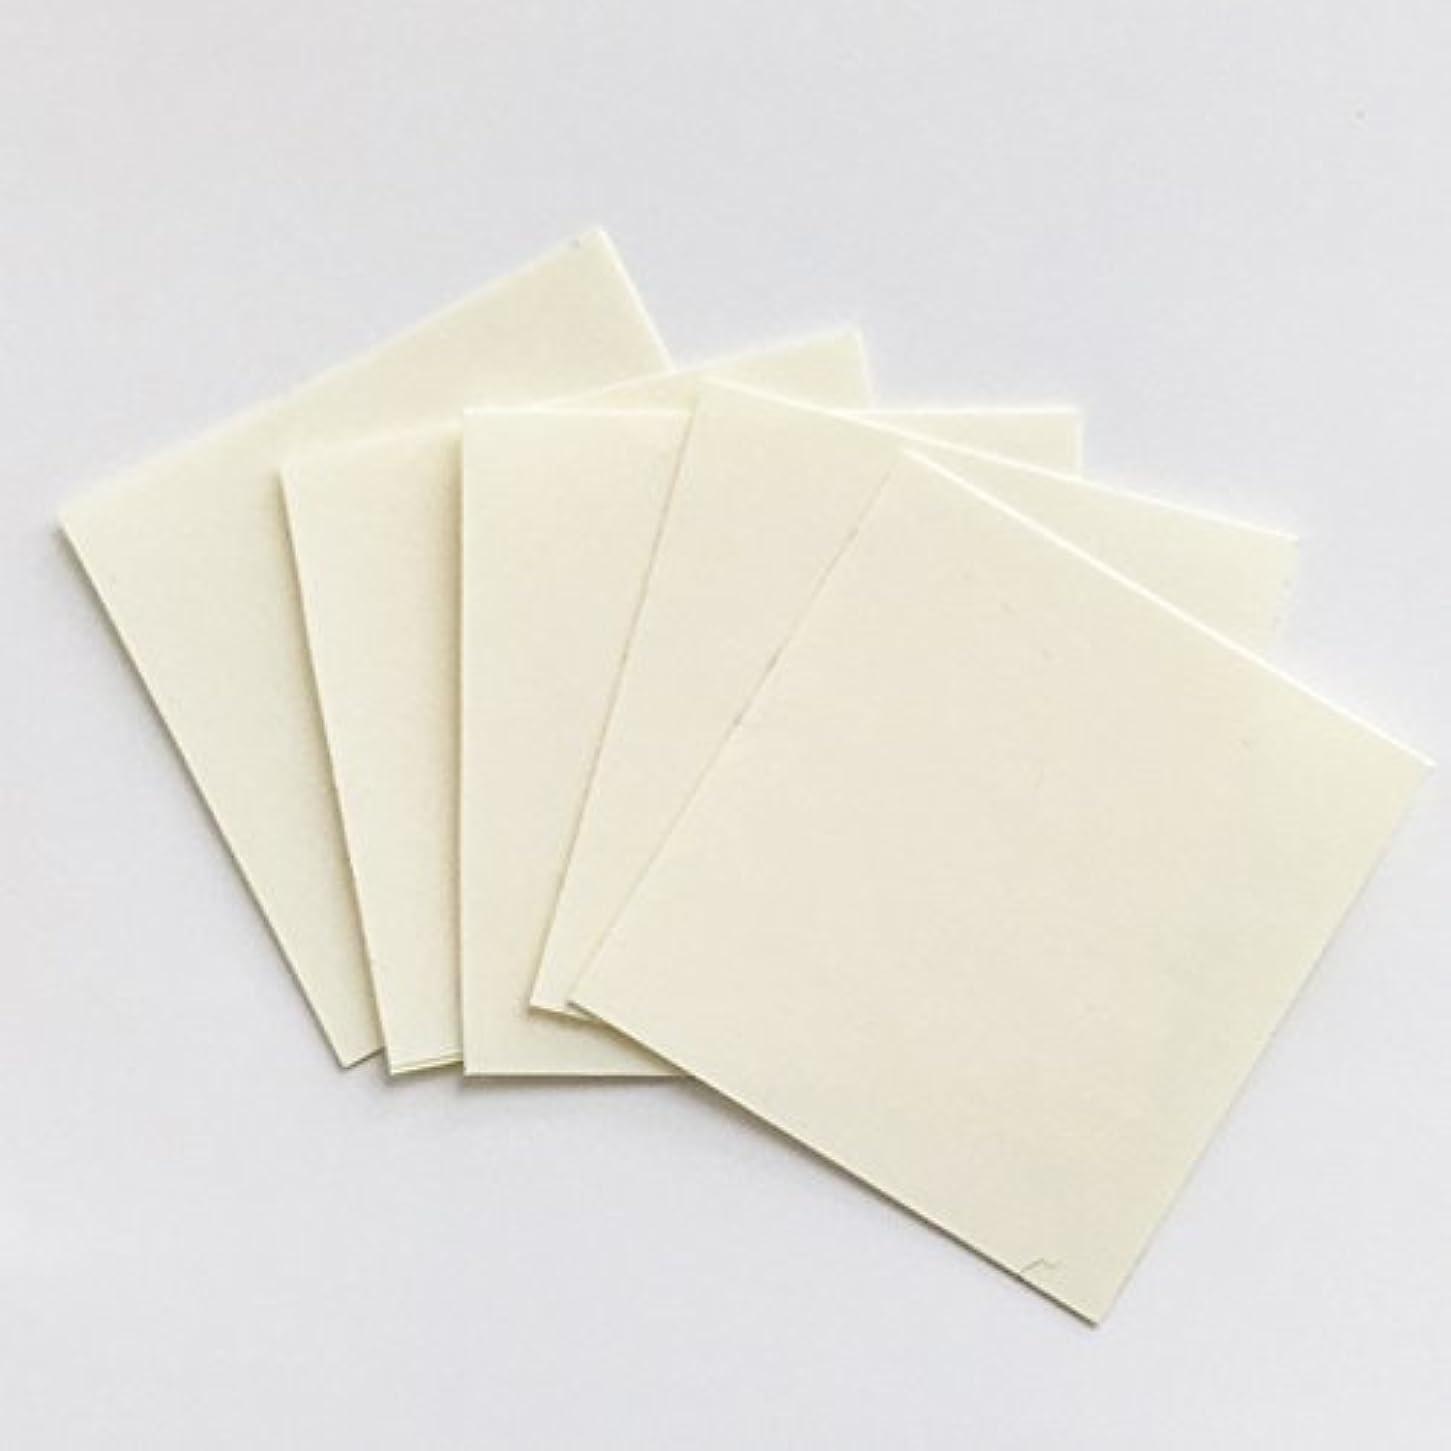 人工的な印象的直立LeLe増毛シート用両面テープ(10枚入り)